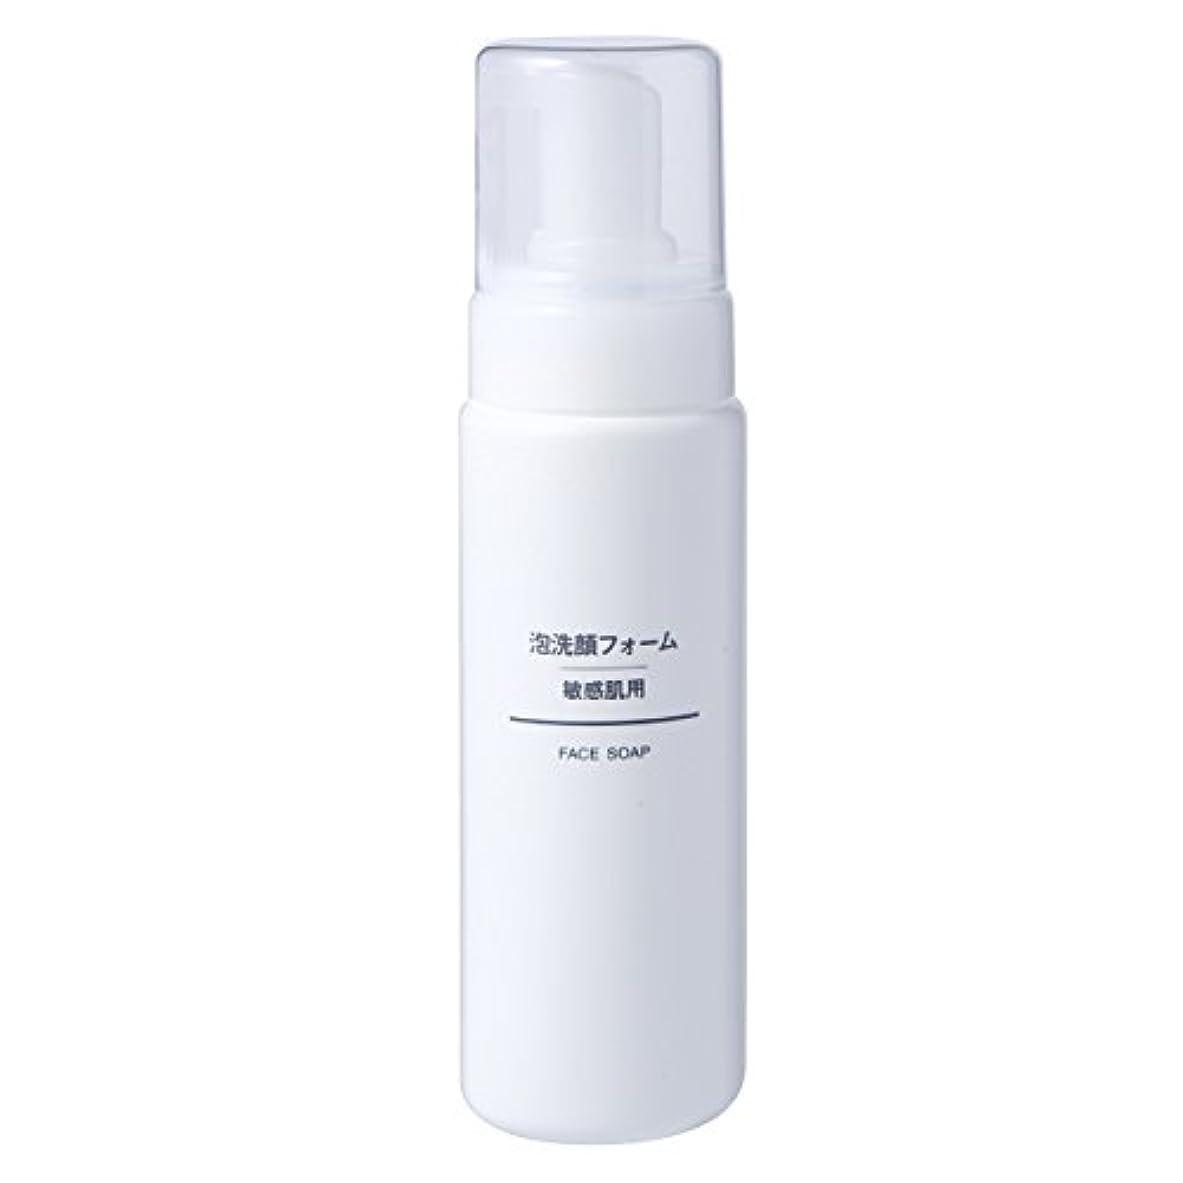 インストール包括的本質的に無印良品 泡洗顔フォーム 敏感肌用 200ml